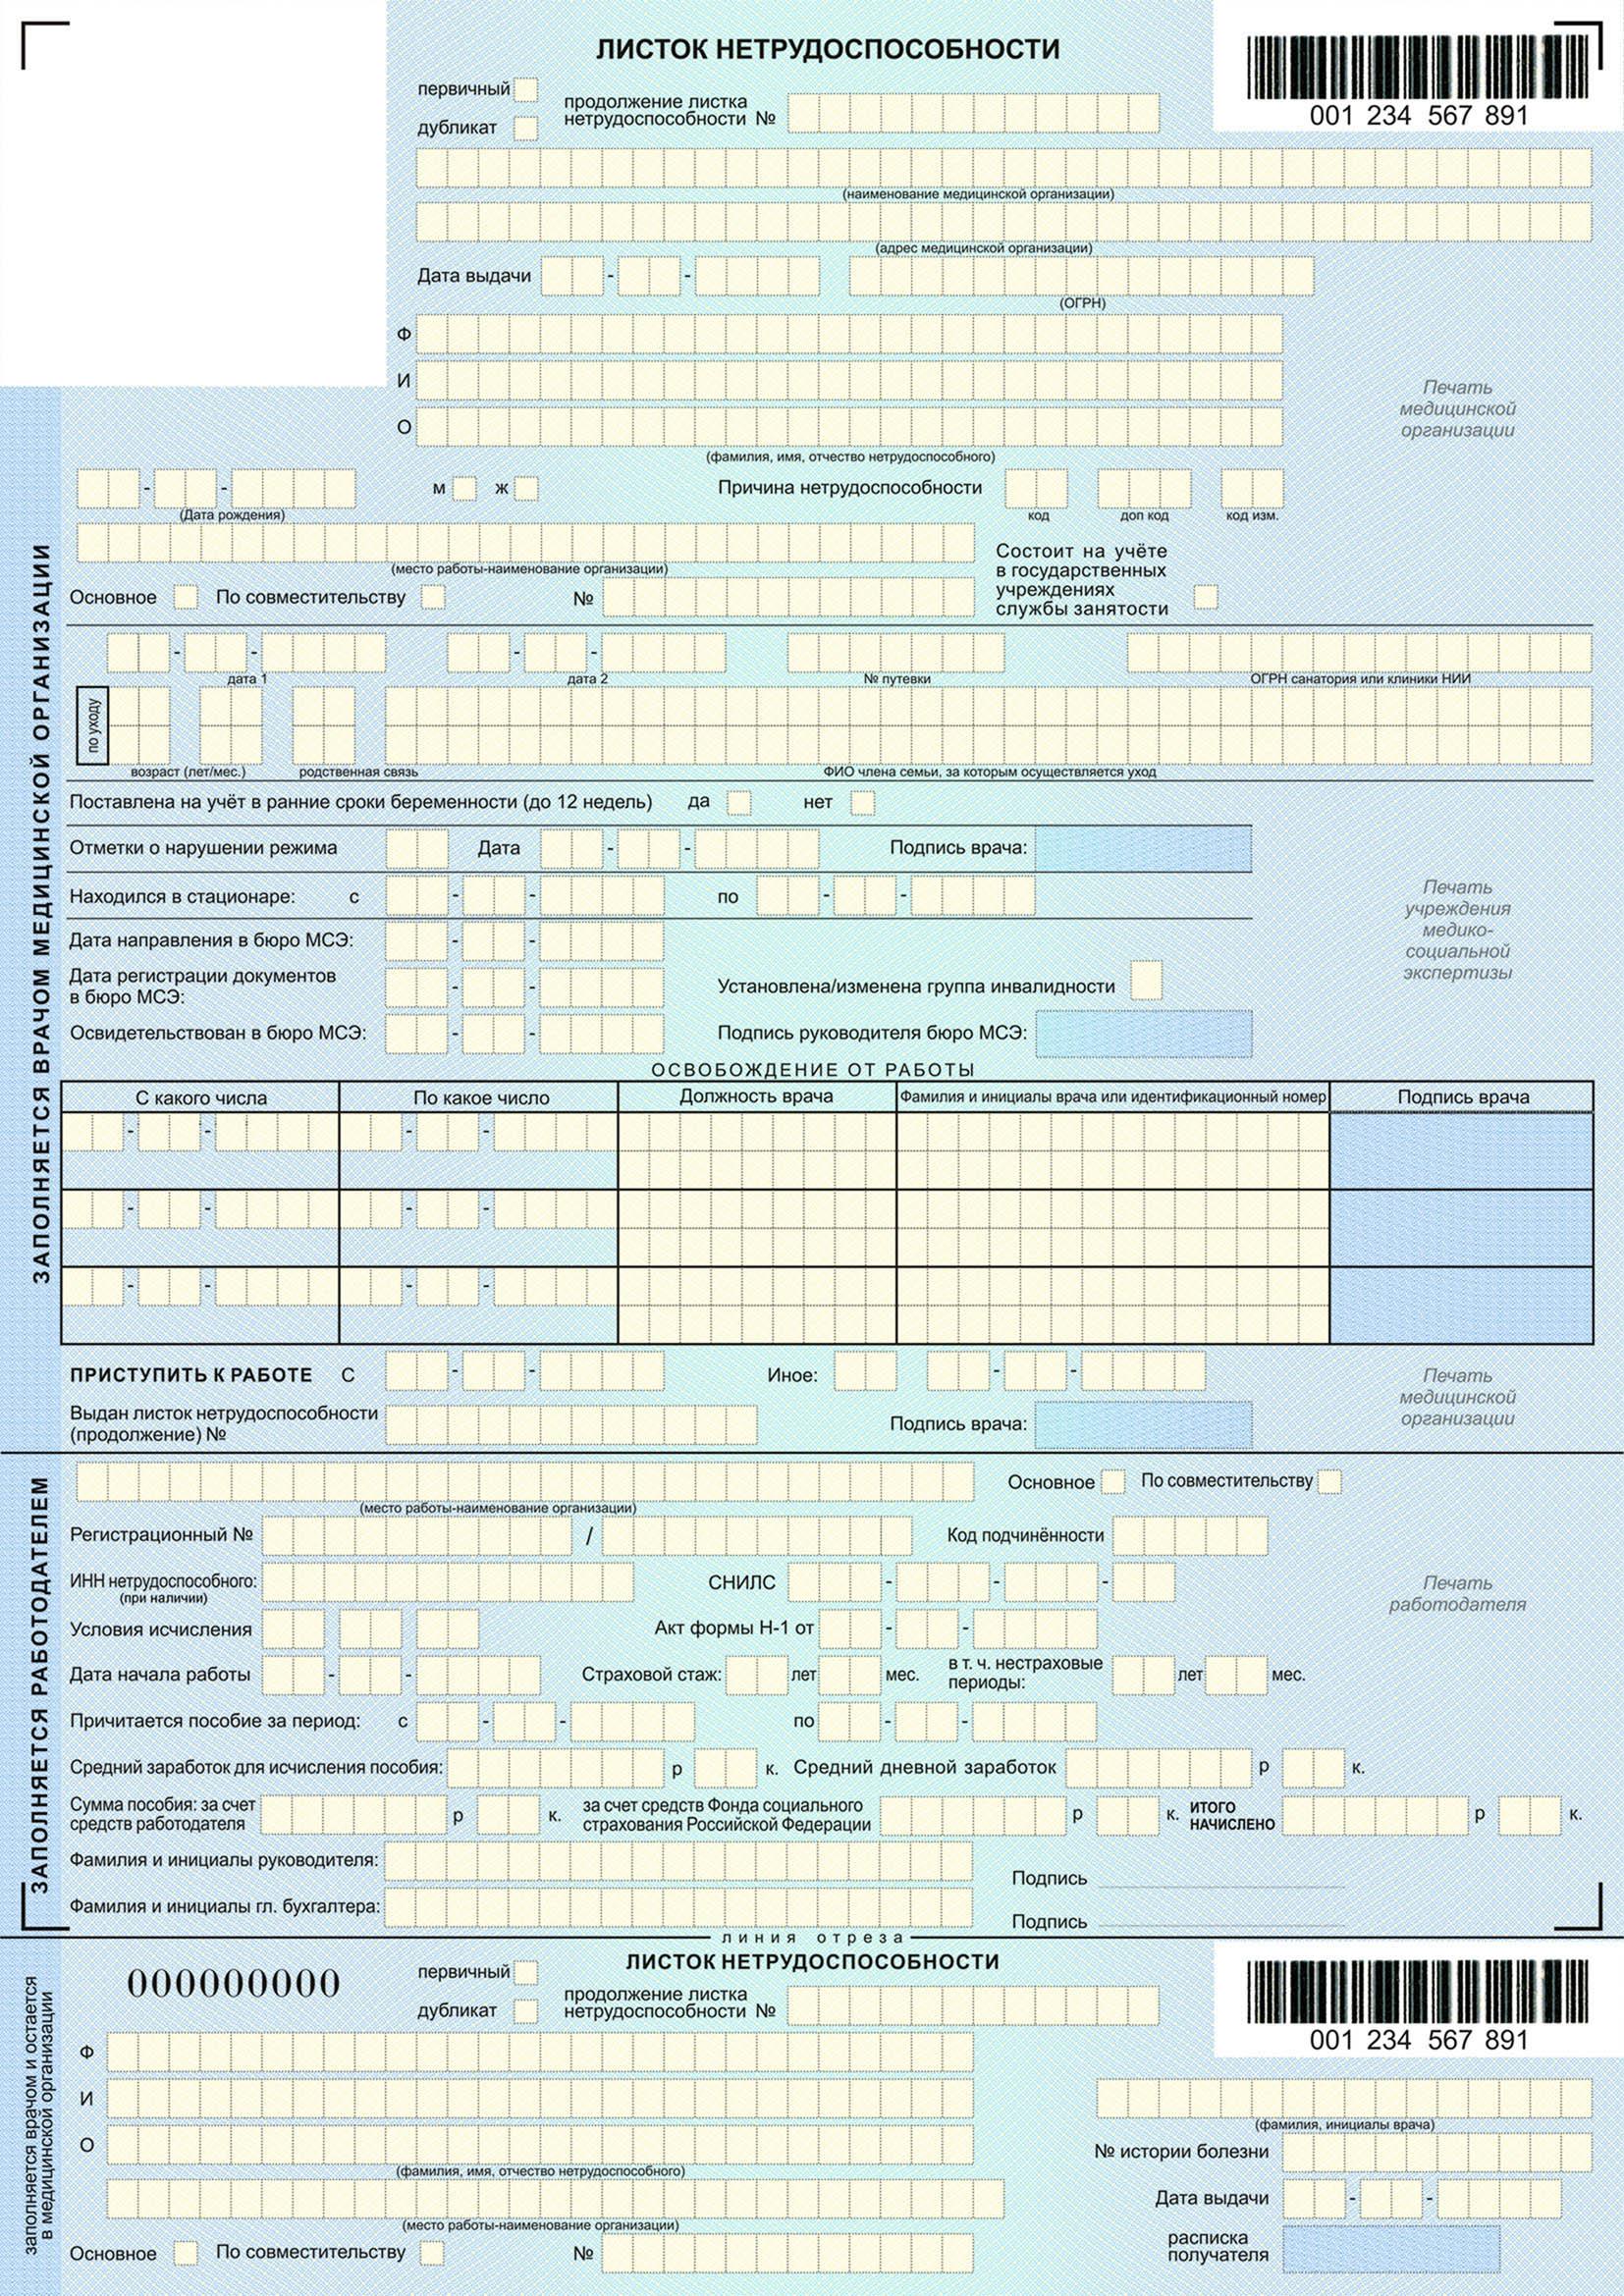 Дубликат листка нетрудоспособности: порядок выдачи и документы